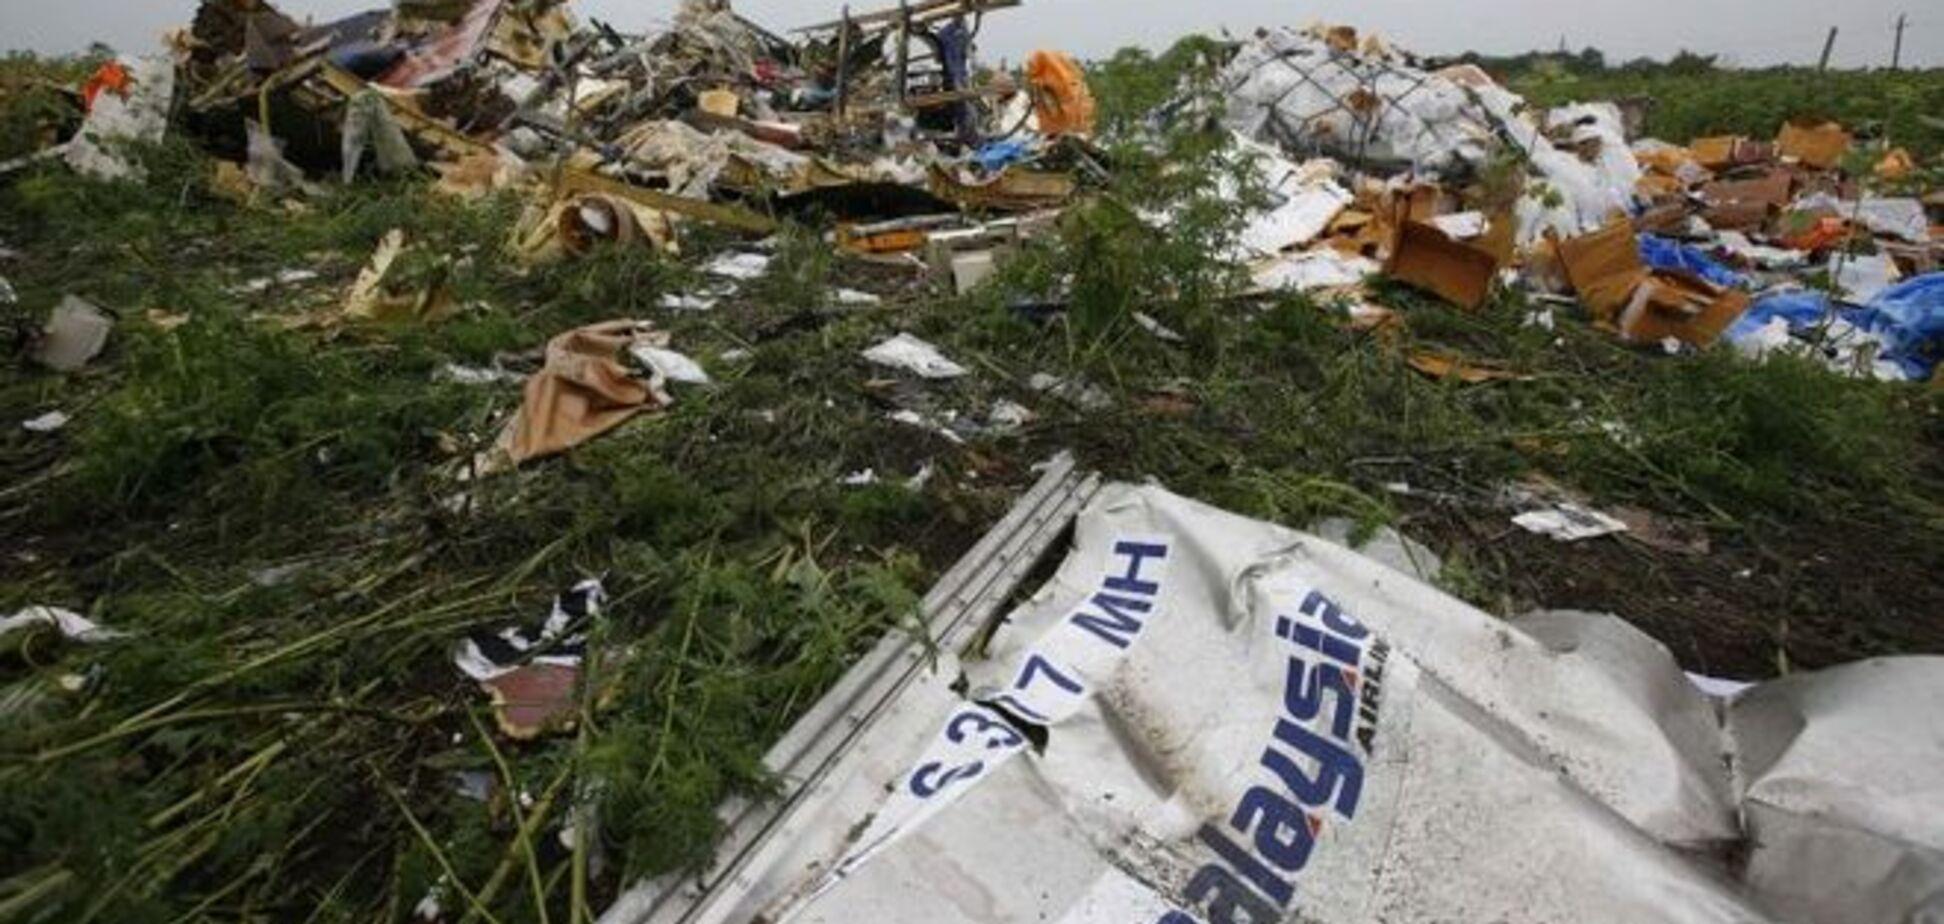 Терористи звинуватили дніпропетровського диспетчера в катастрофі 'MH17'